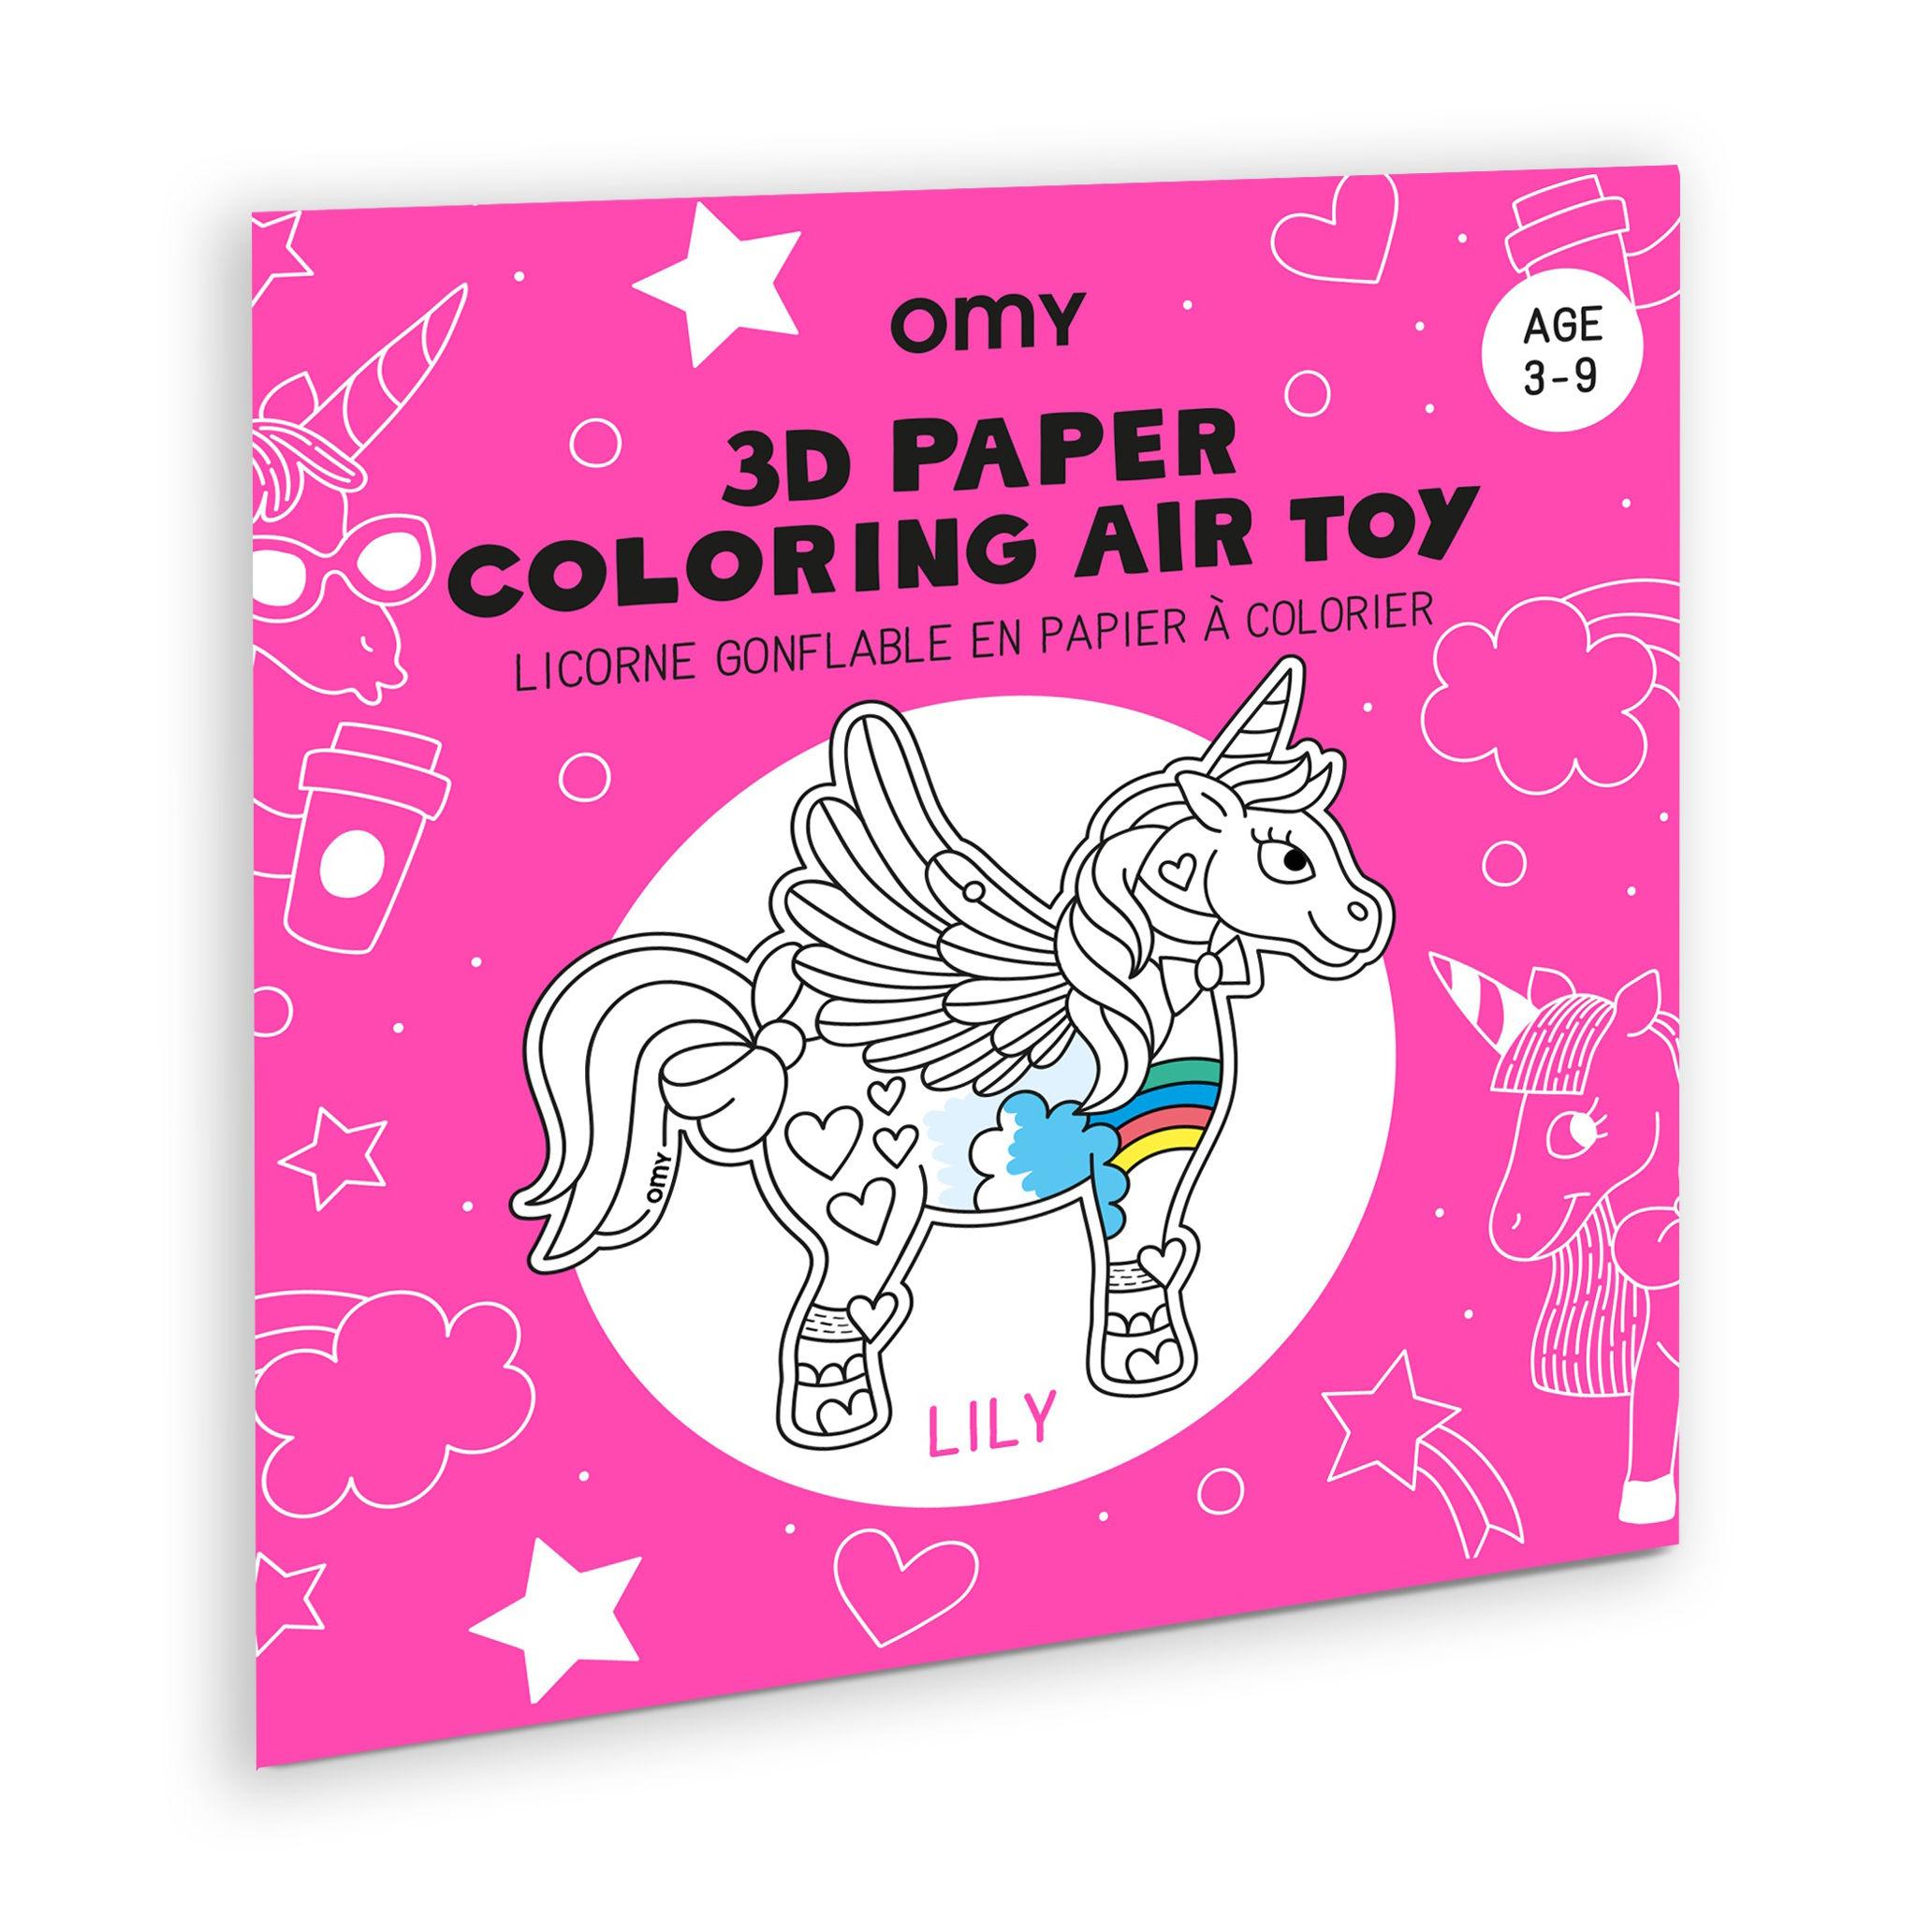 Déco - Pour les enfants - Coloriage 3D à gonfler Lily / Licorne en papier - OMY Design & Play - Lily - Nylon, Papier